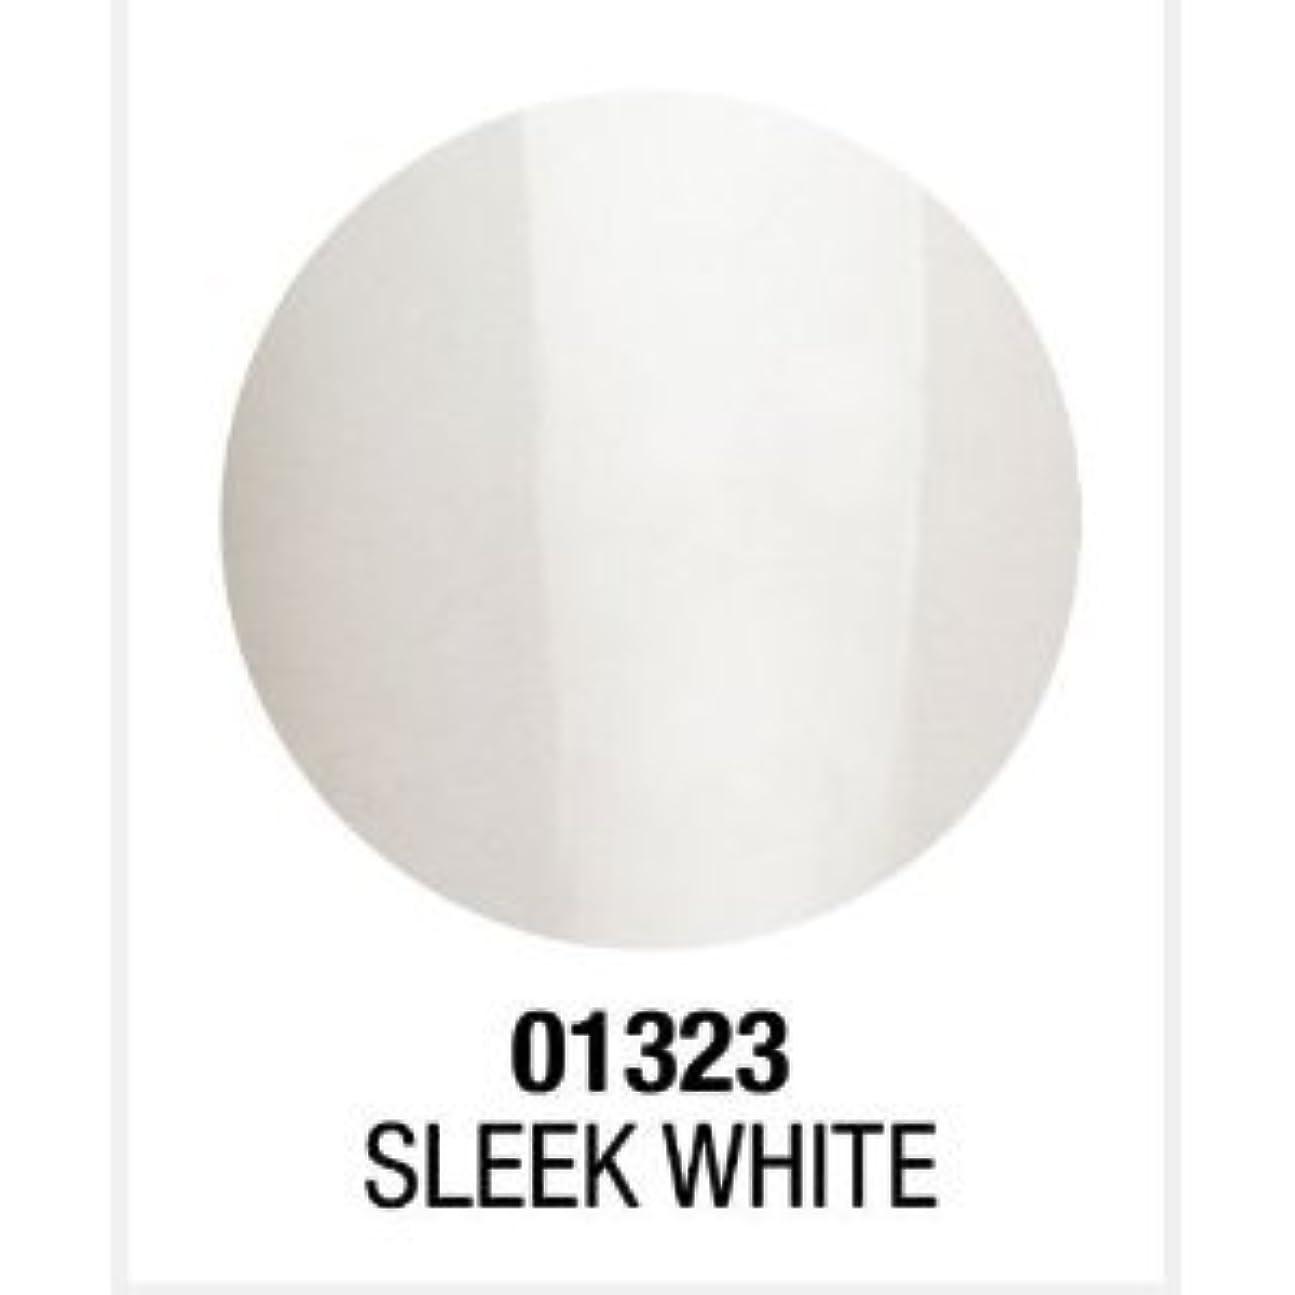 解明する樹皮リフトハーモニー ジェリッシュ シークホワイト 15ml [平行輸入品][海外直送品]